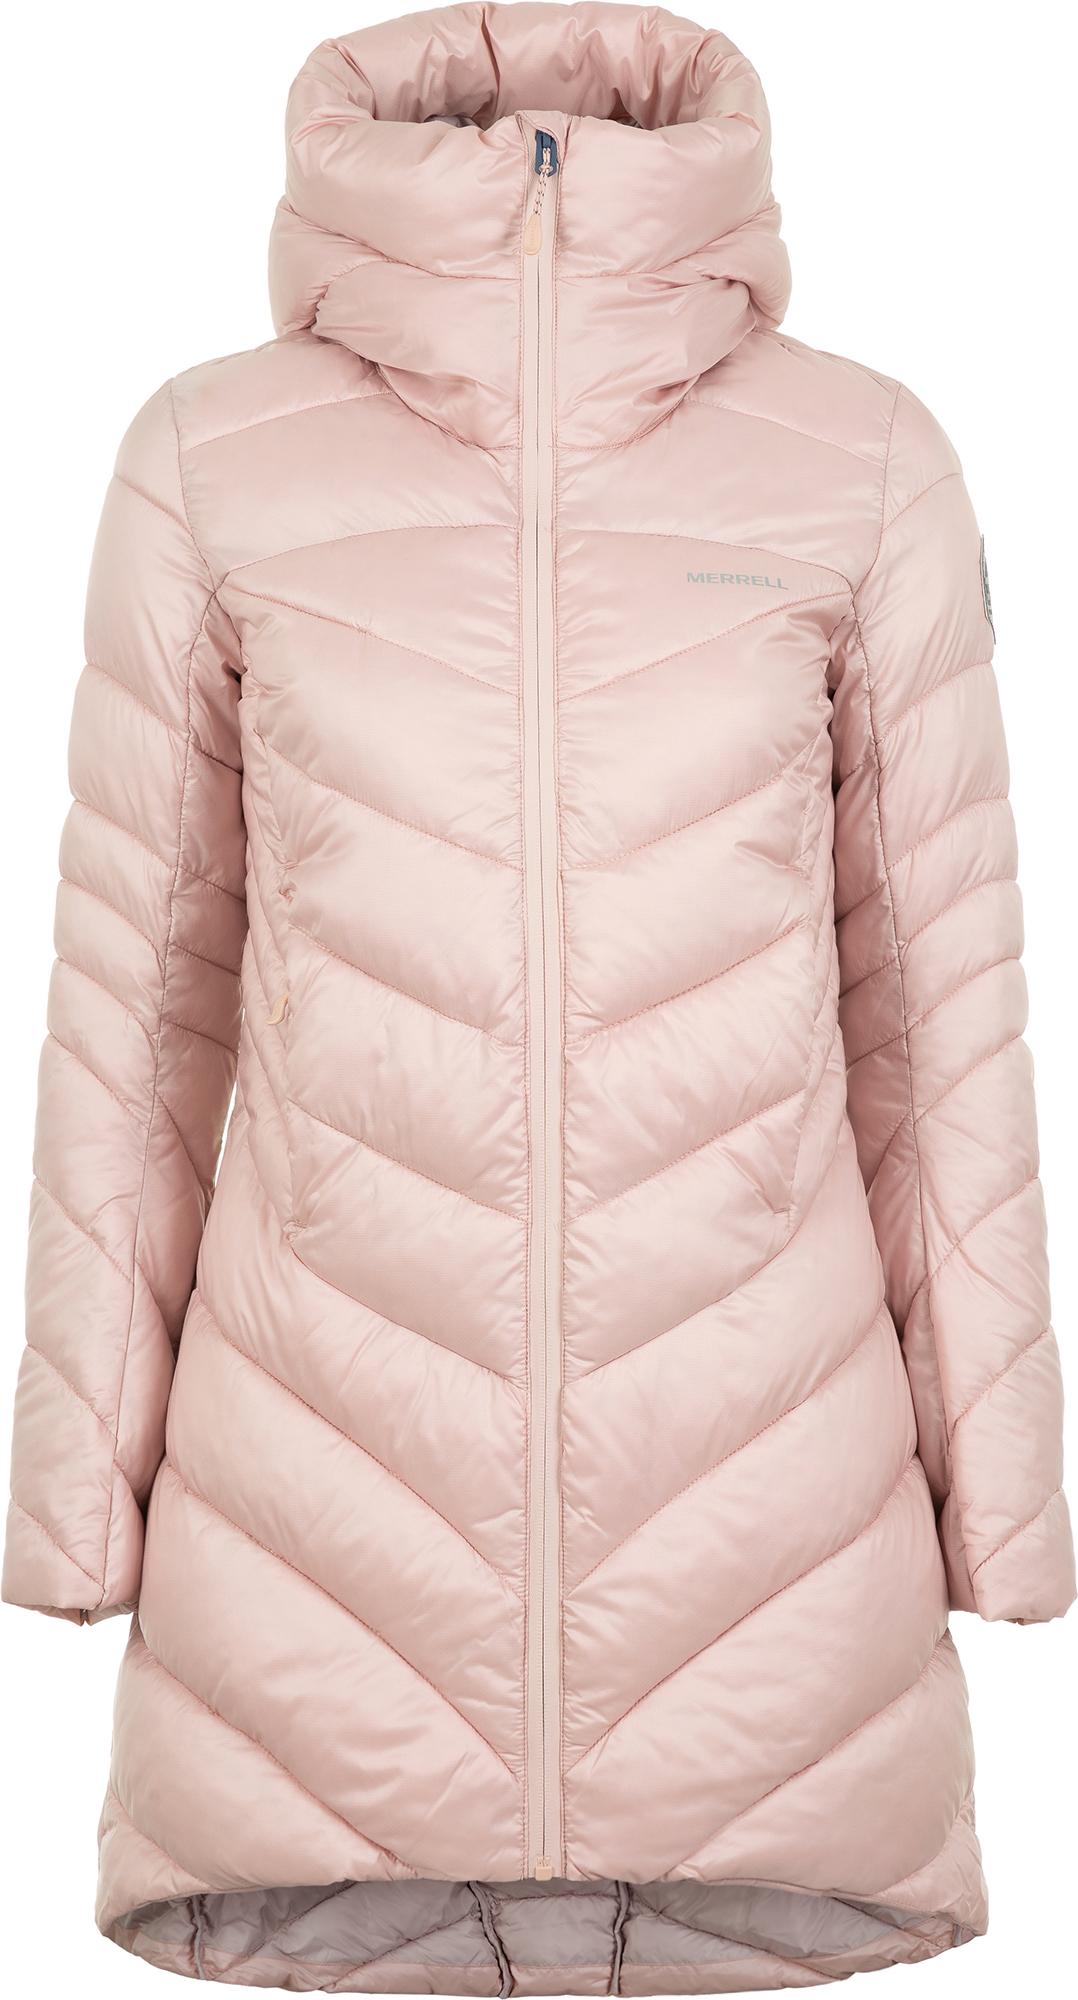 цена Merrell Куртка утепленная женская Merrell, размер 44 онлайн в 2017 году